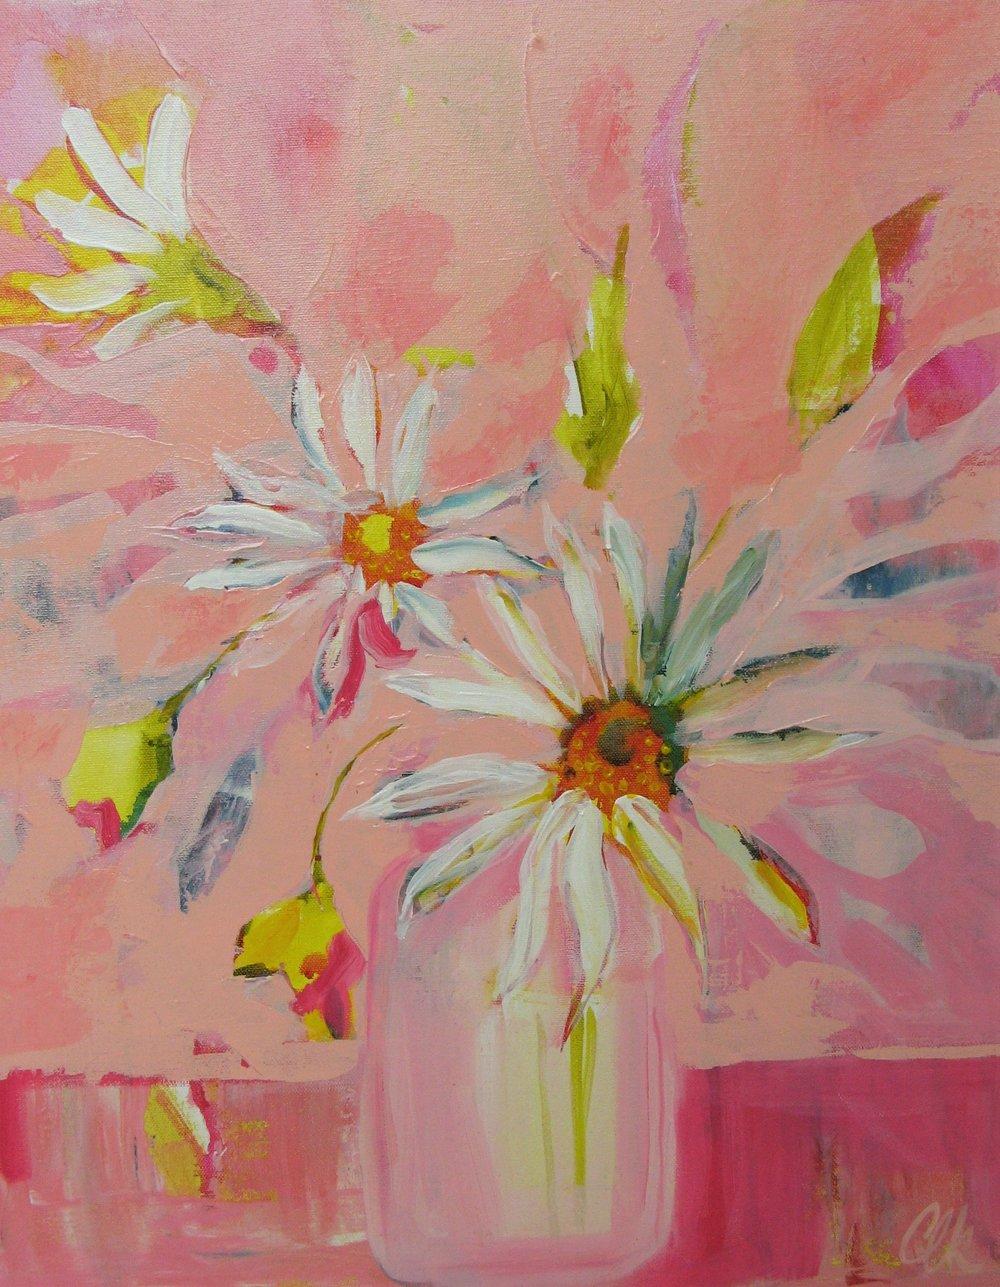 Spring Dream - acrylic on canvas 20x16